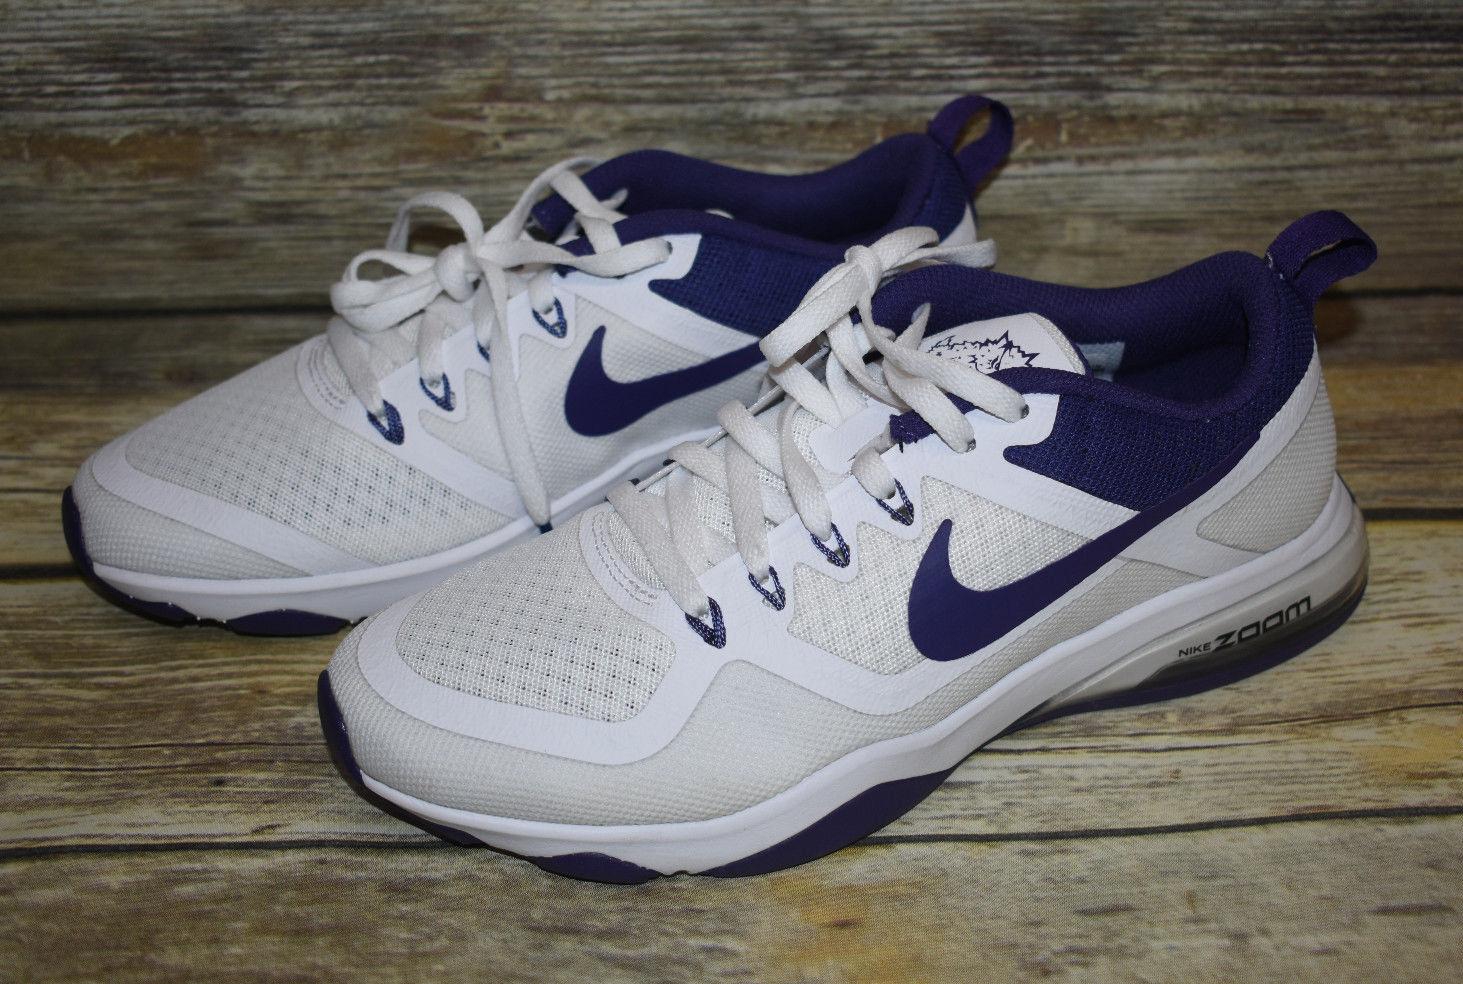 bf3b0ff950de5 Women s Nike Zoom Fitness Training TCU Texas Christian Horned Horned Horned  Frogs 905897 6.5 51aff6